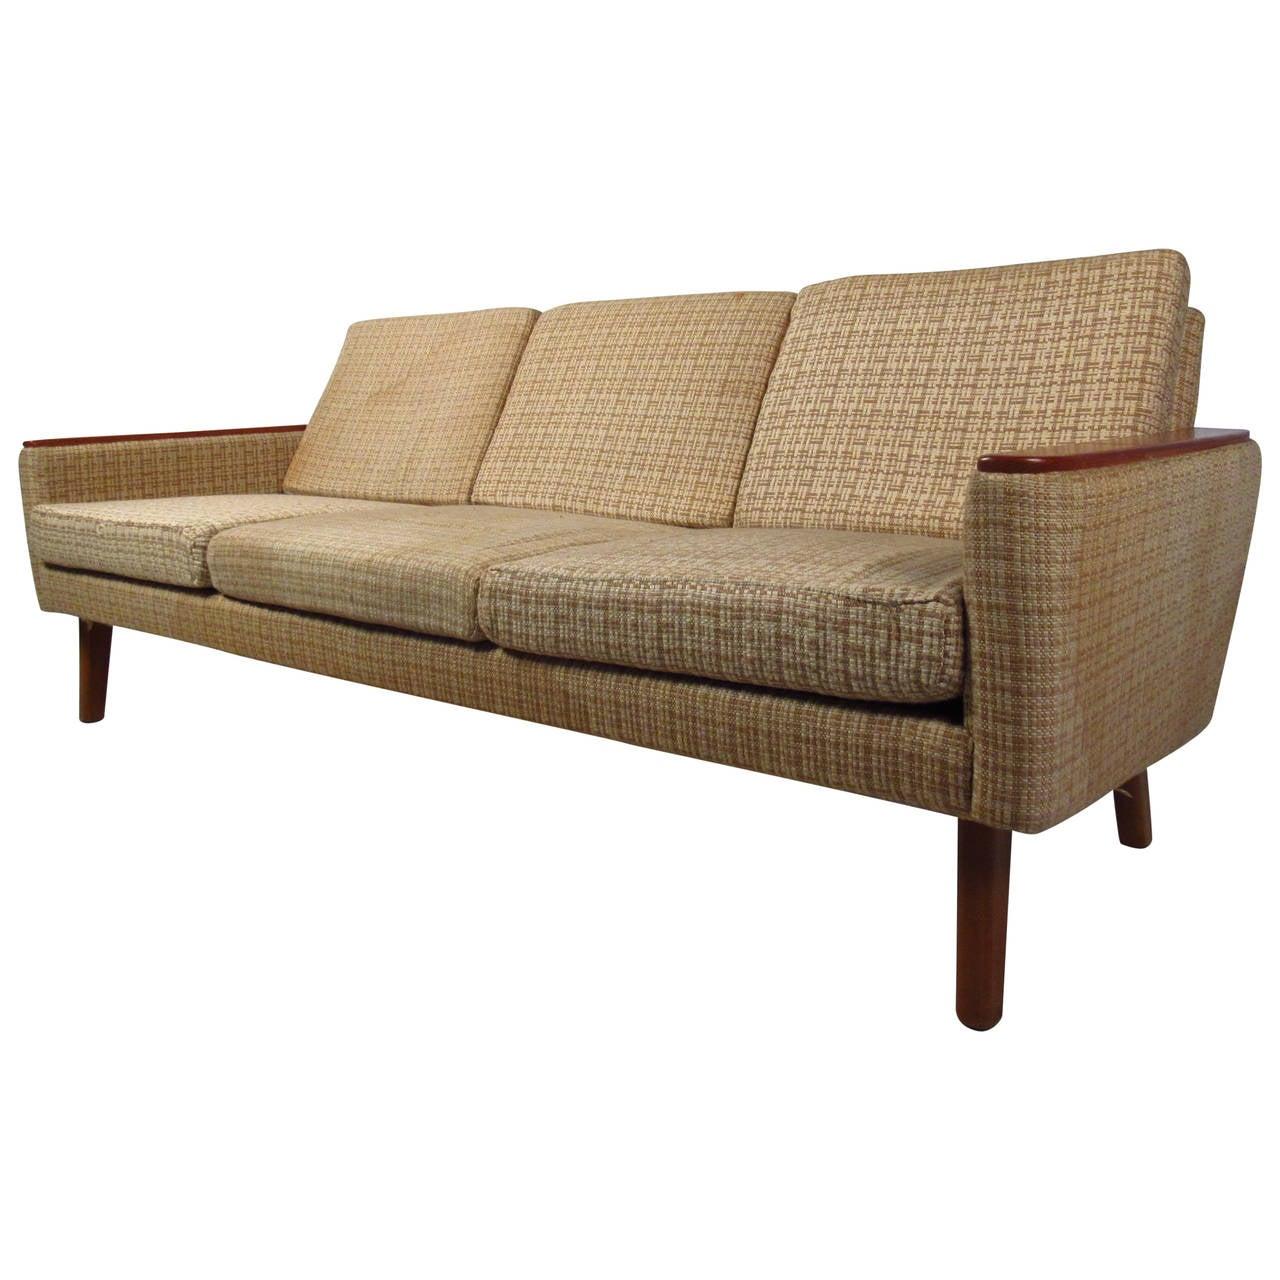 Vintage Three Seat Sofa With Teak Armrests